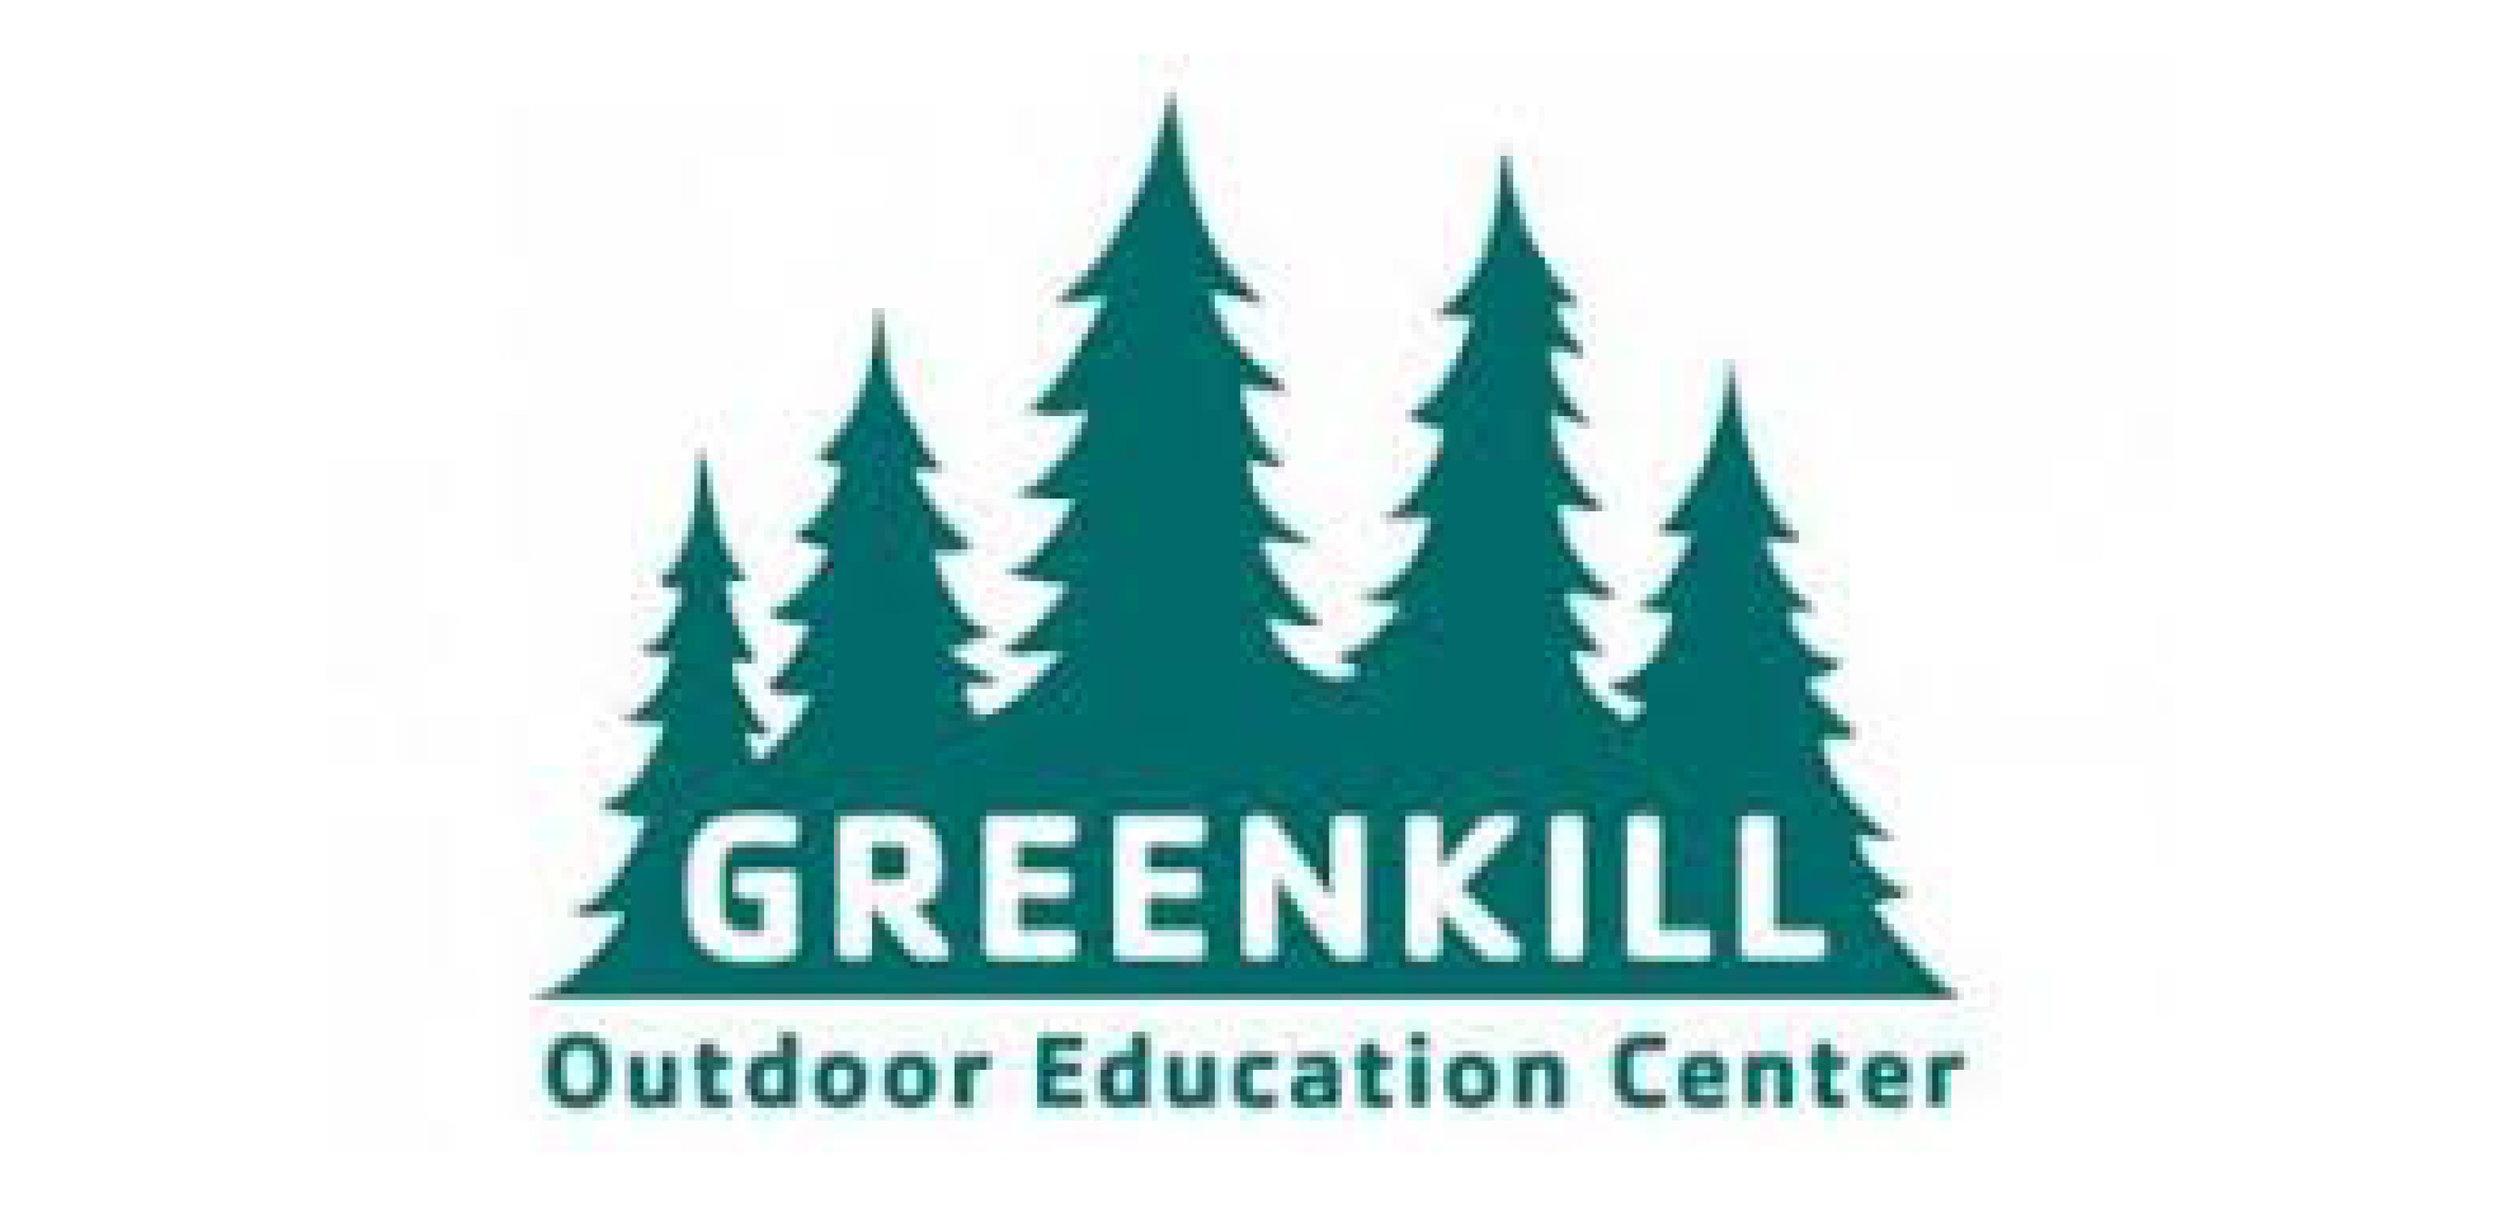 Greenkill Outdoor Education Center